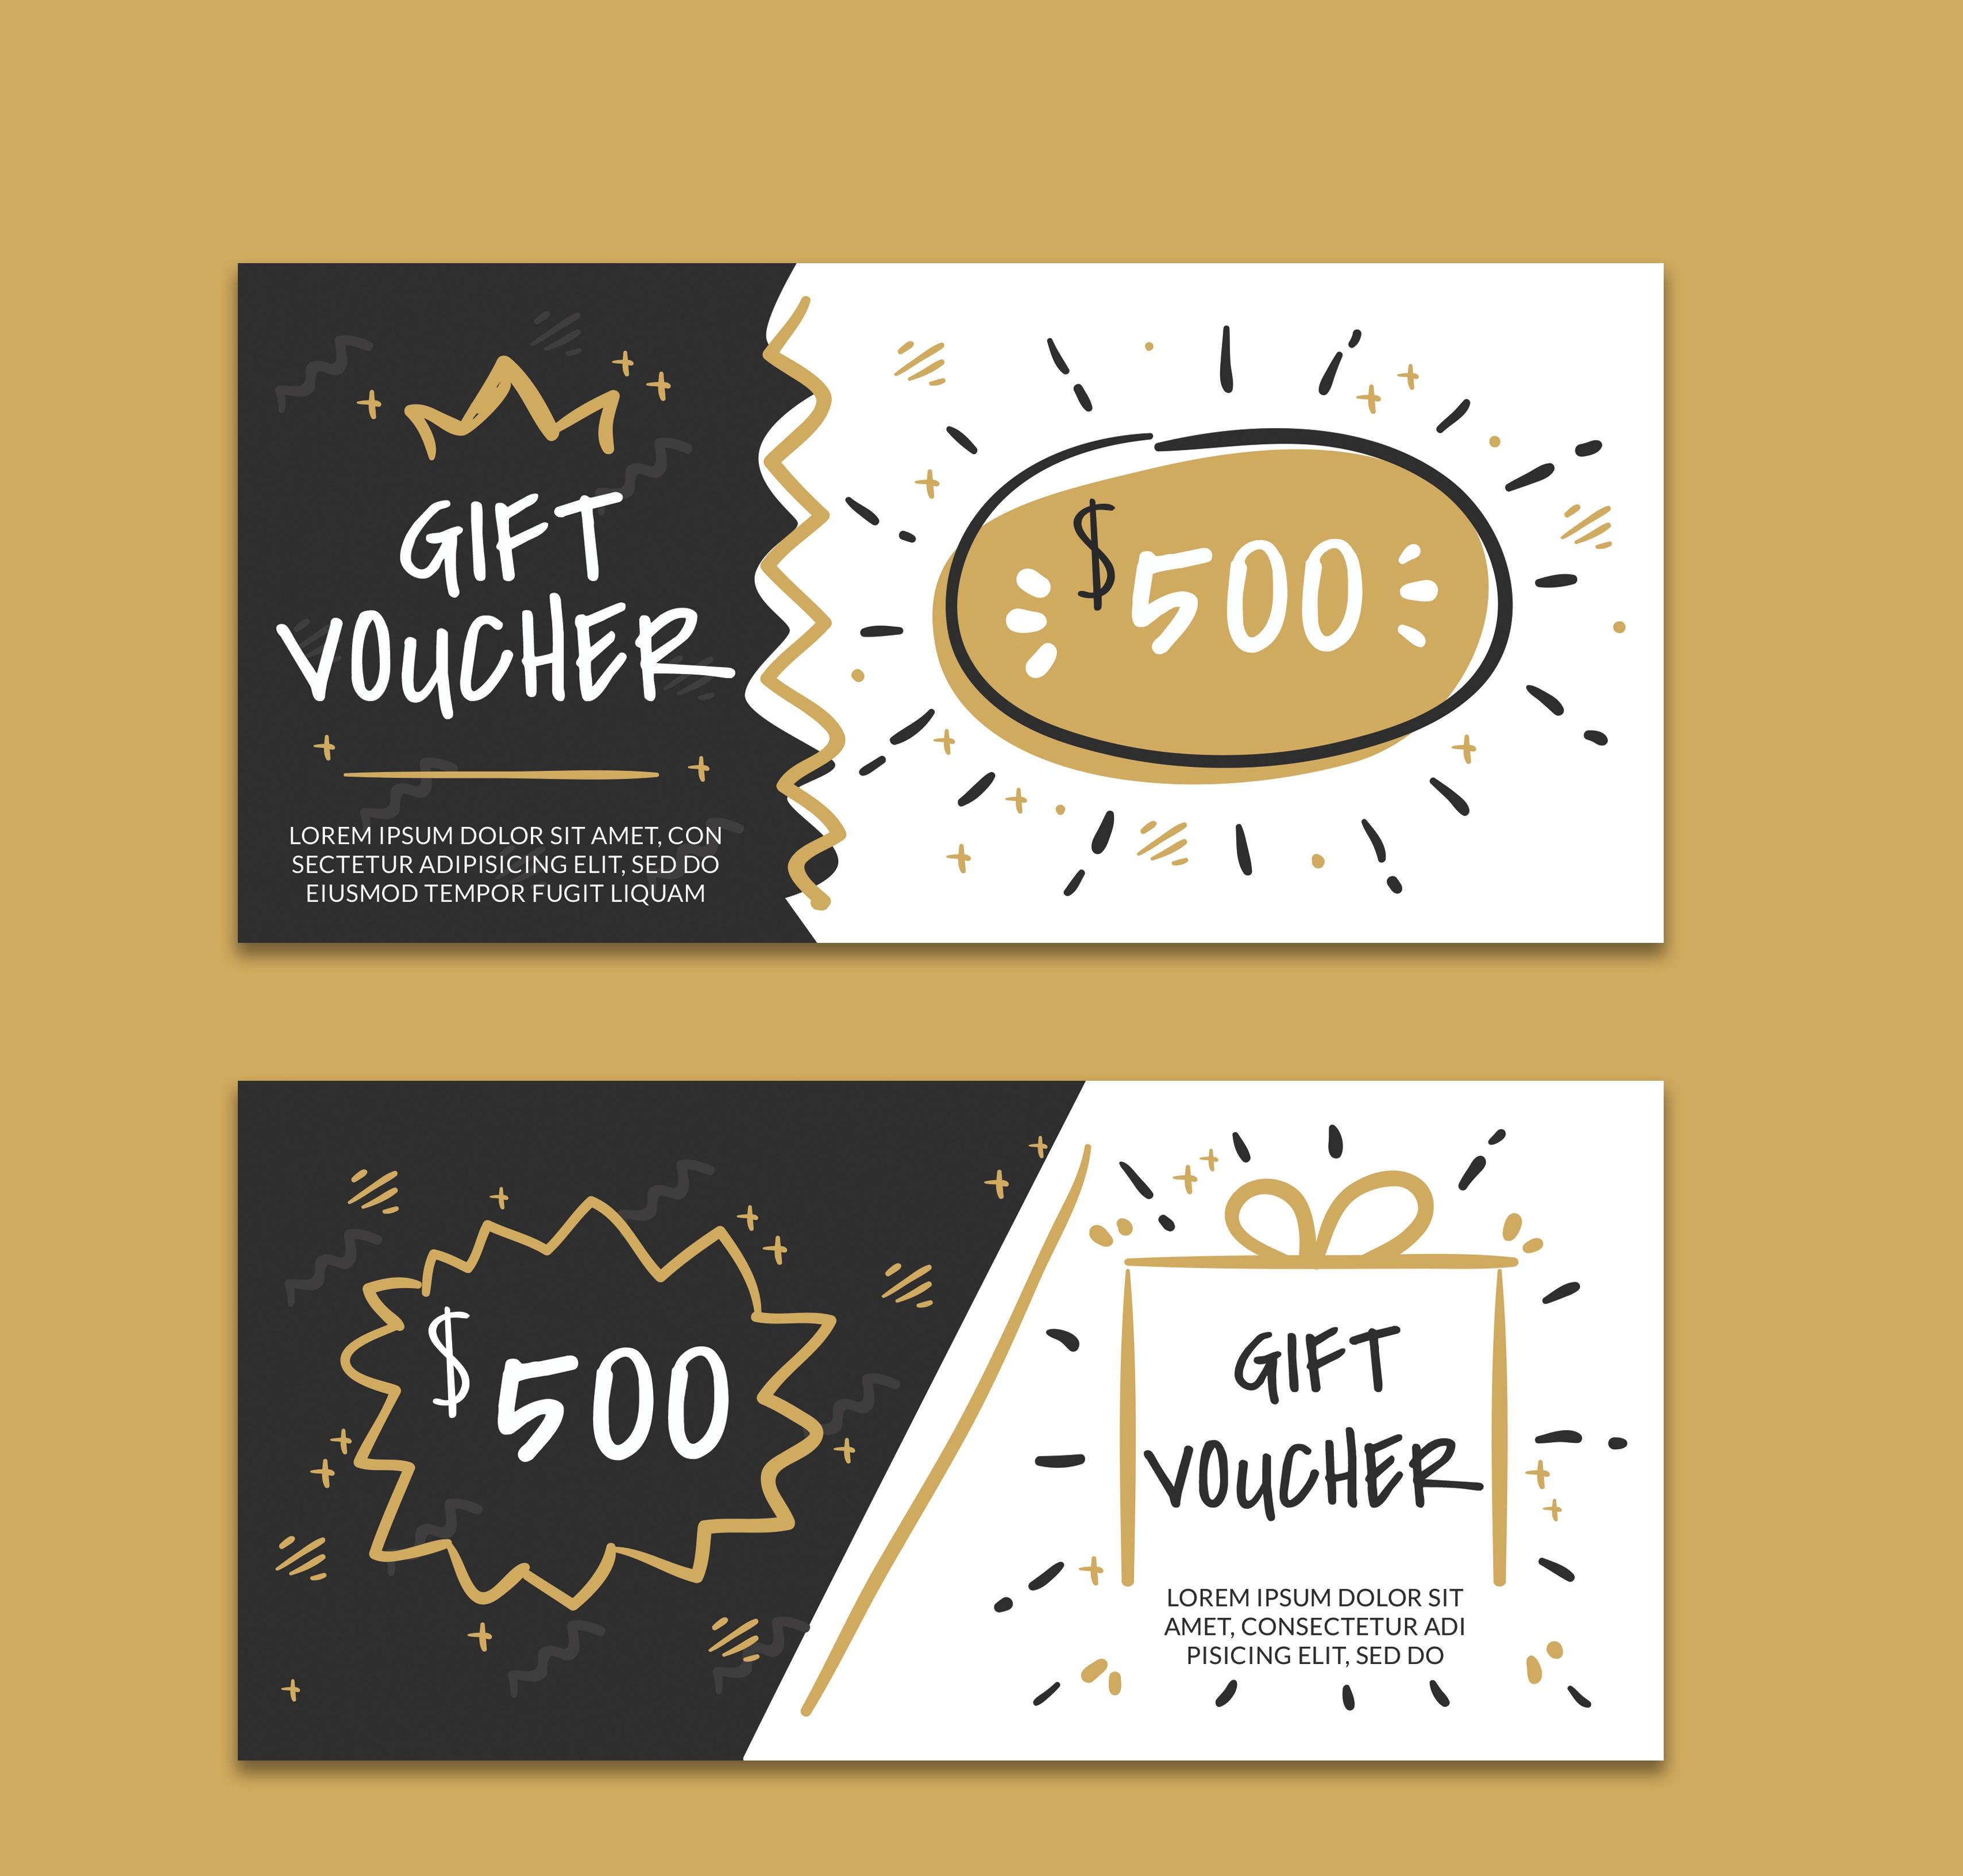 Chuyên in Voucher KVP-VC 000015 lấy ngay trên toàn quốc với giá SIÊU RẺ